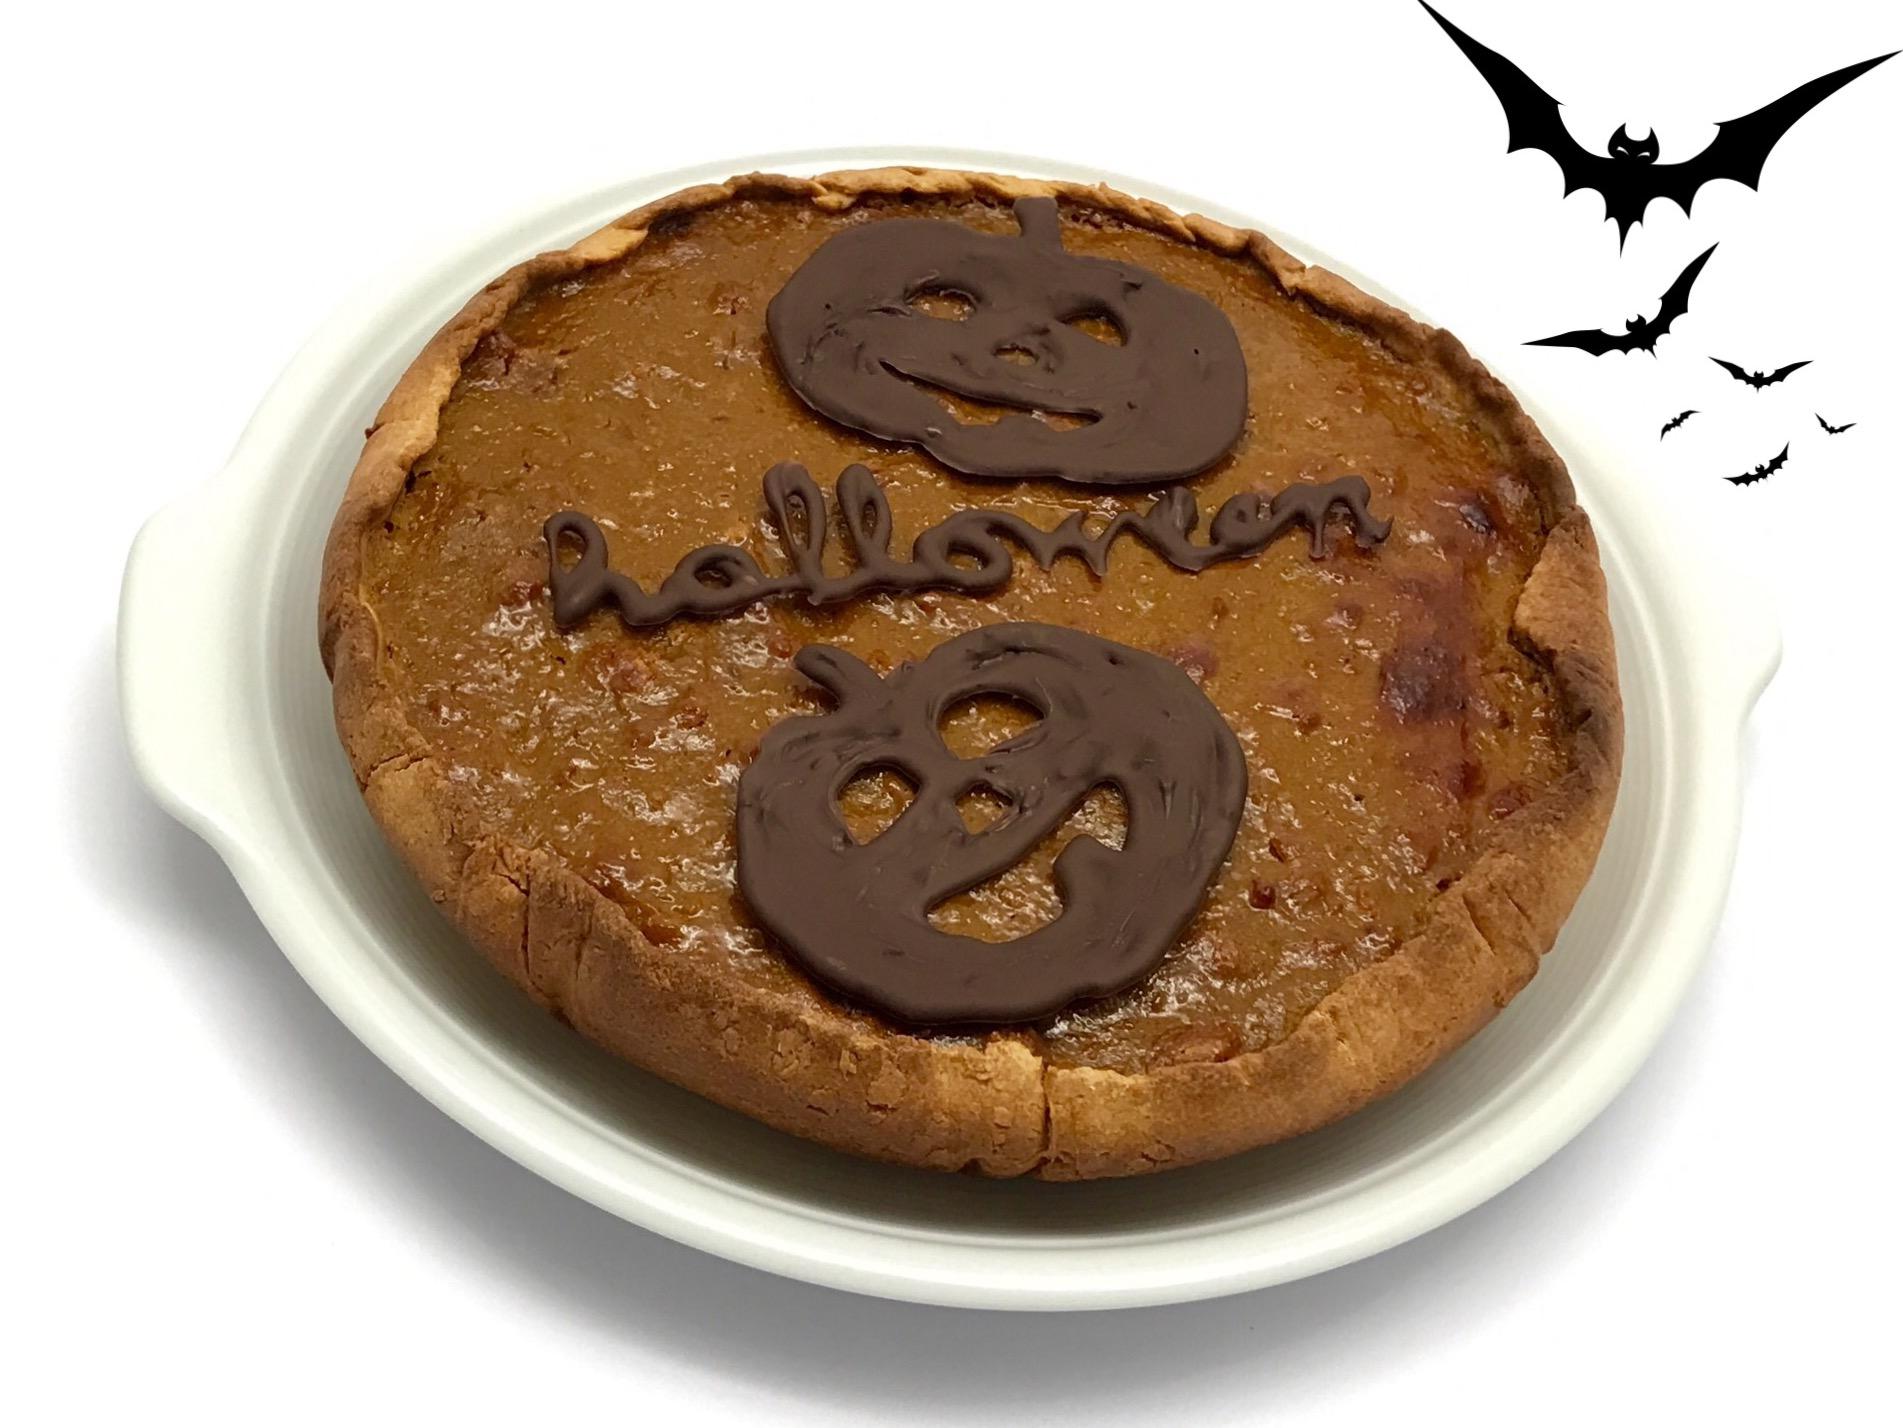 Torte Da Credenza Alice : Halloween: crostata di zucca con amaretti e cannella senza glutine